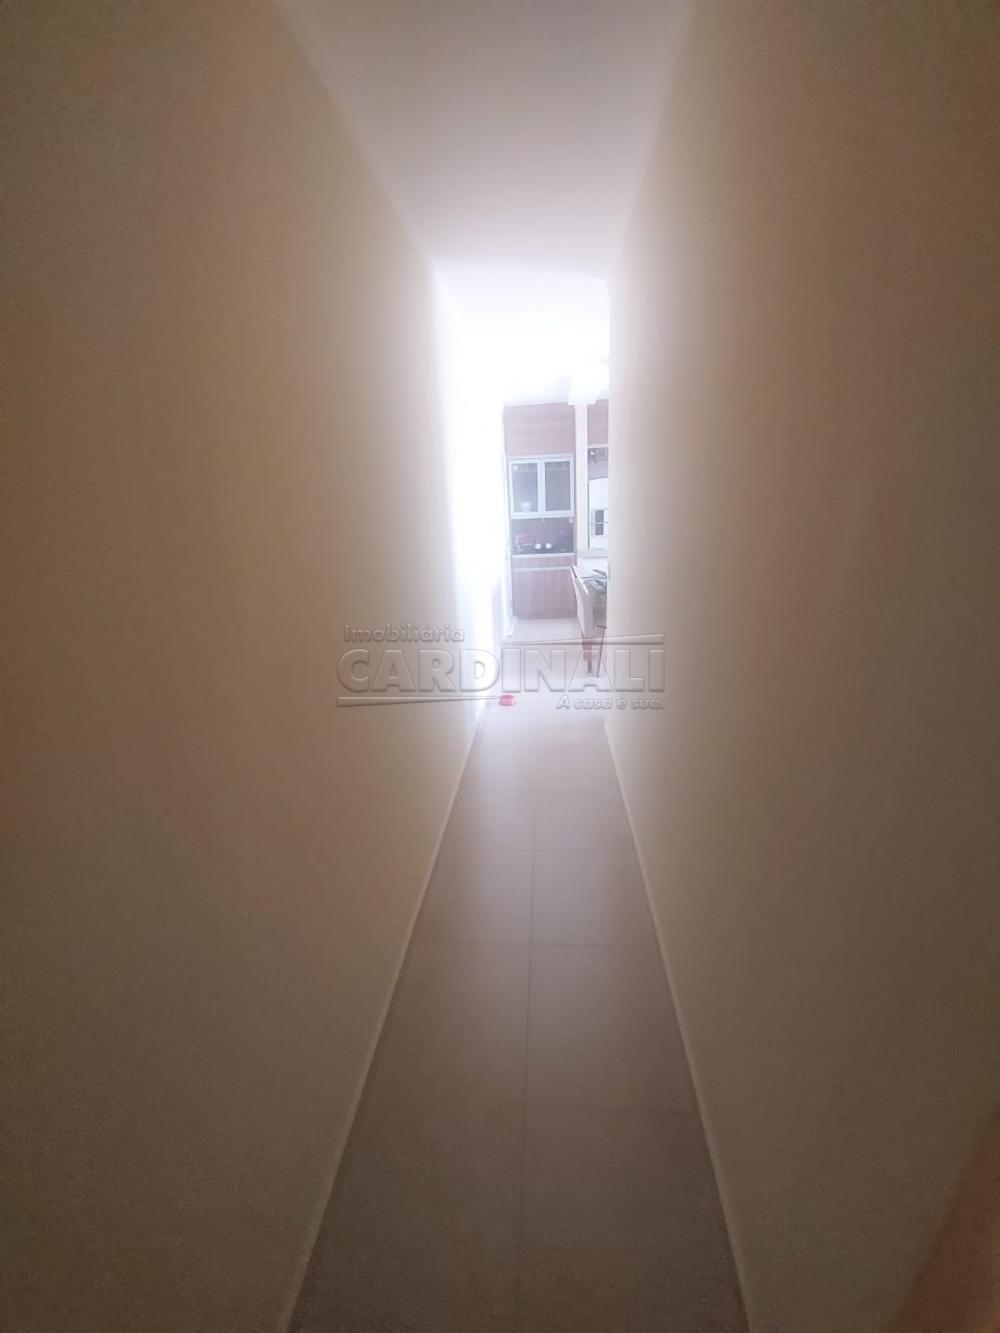 Comprar Apartamento / Padrão em São Carlos R$ 309.000,00 - Foto 11